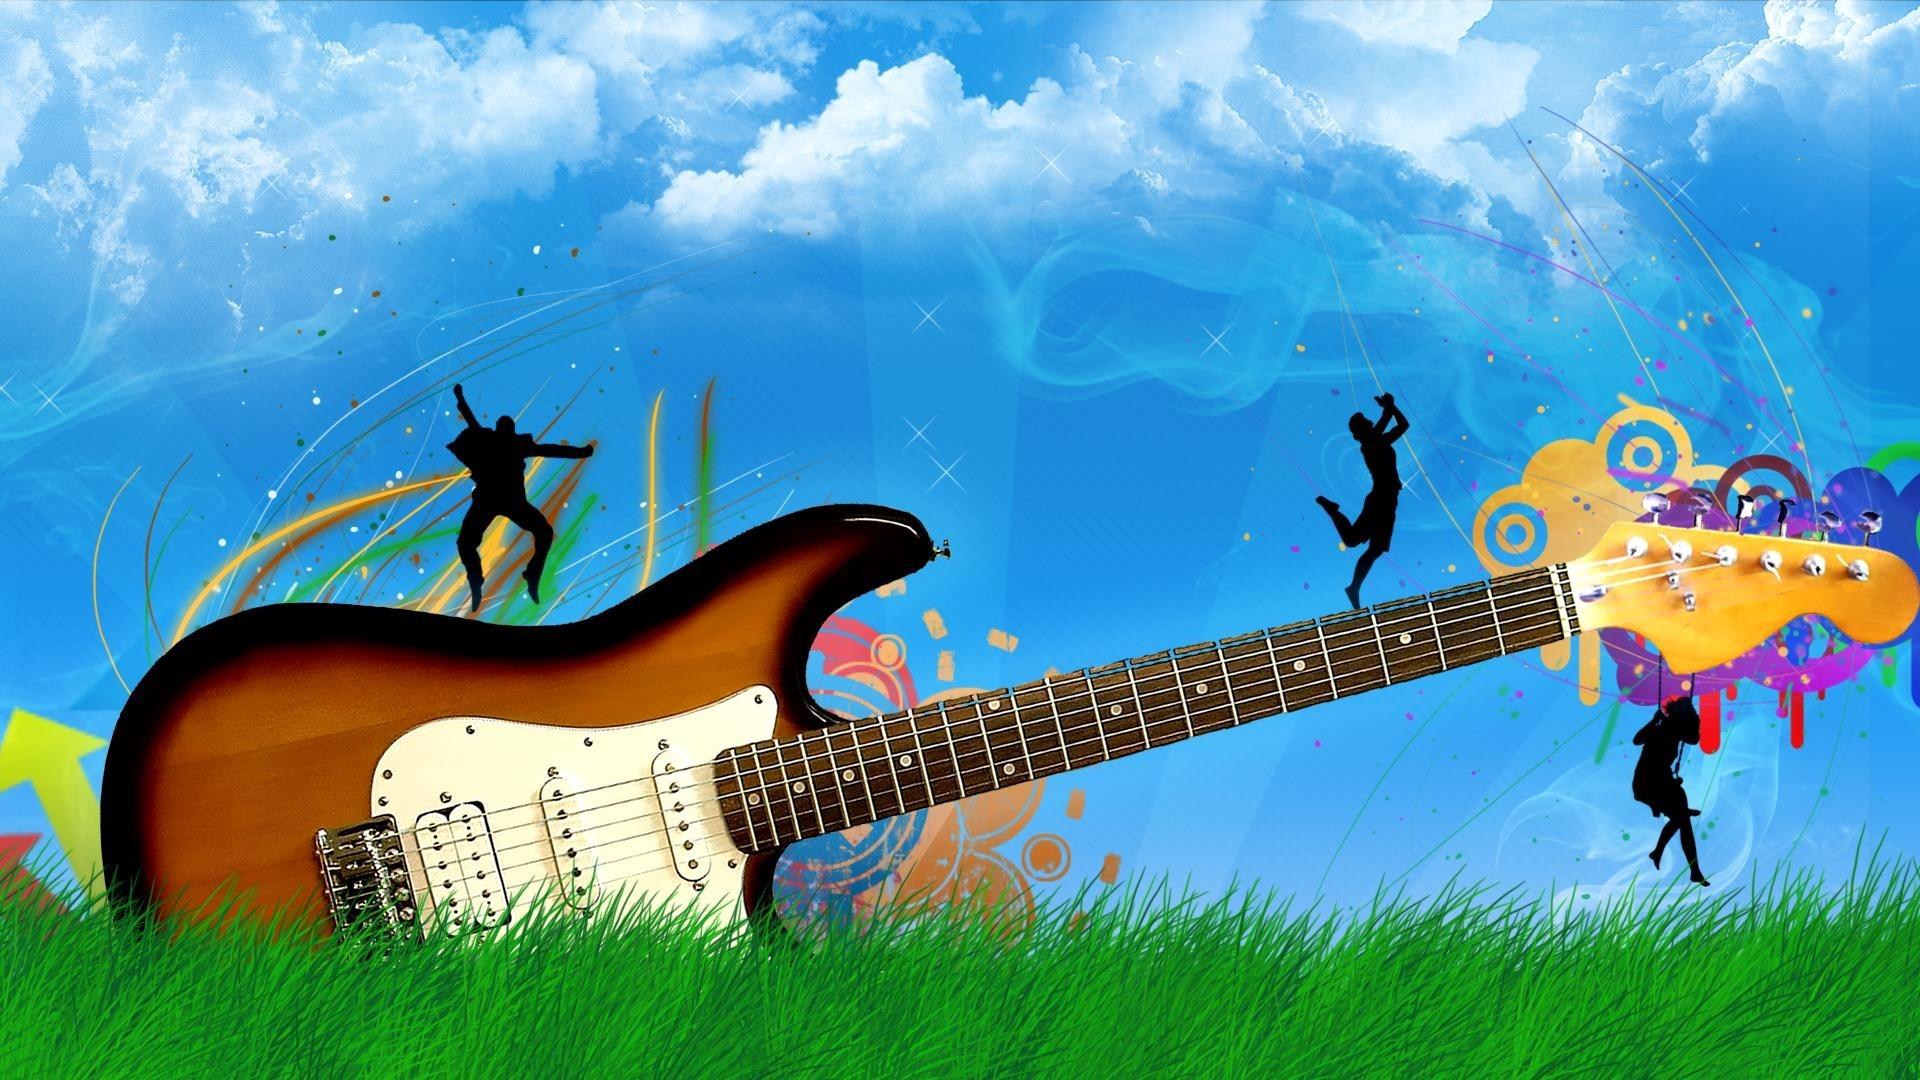 Cute Music wallpaper photo